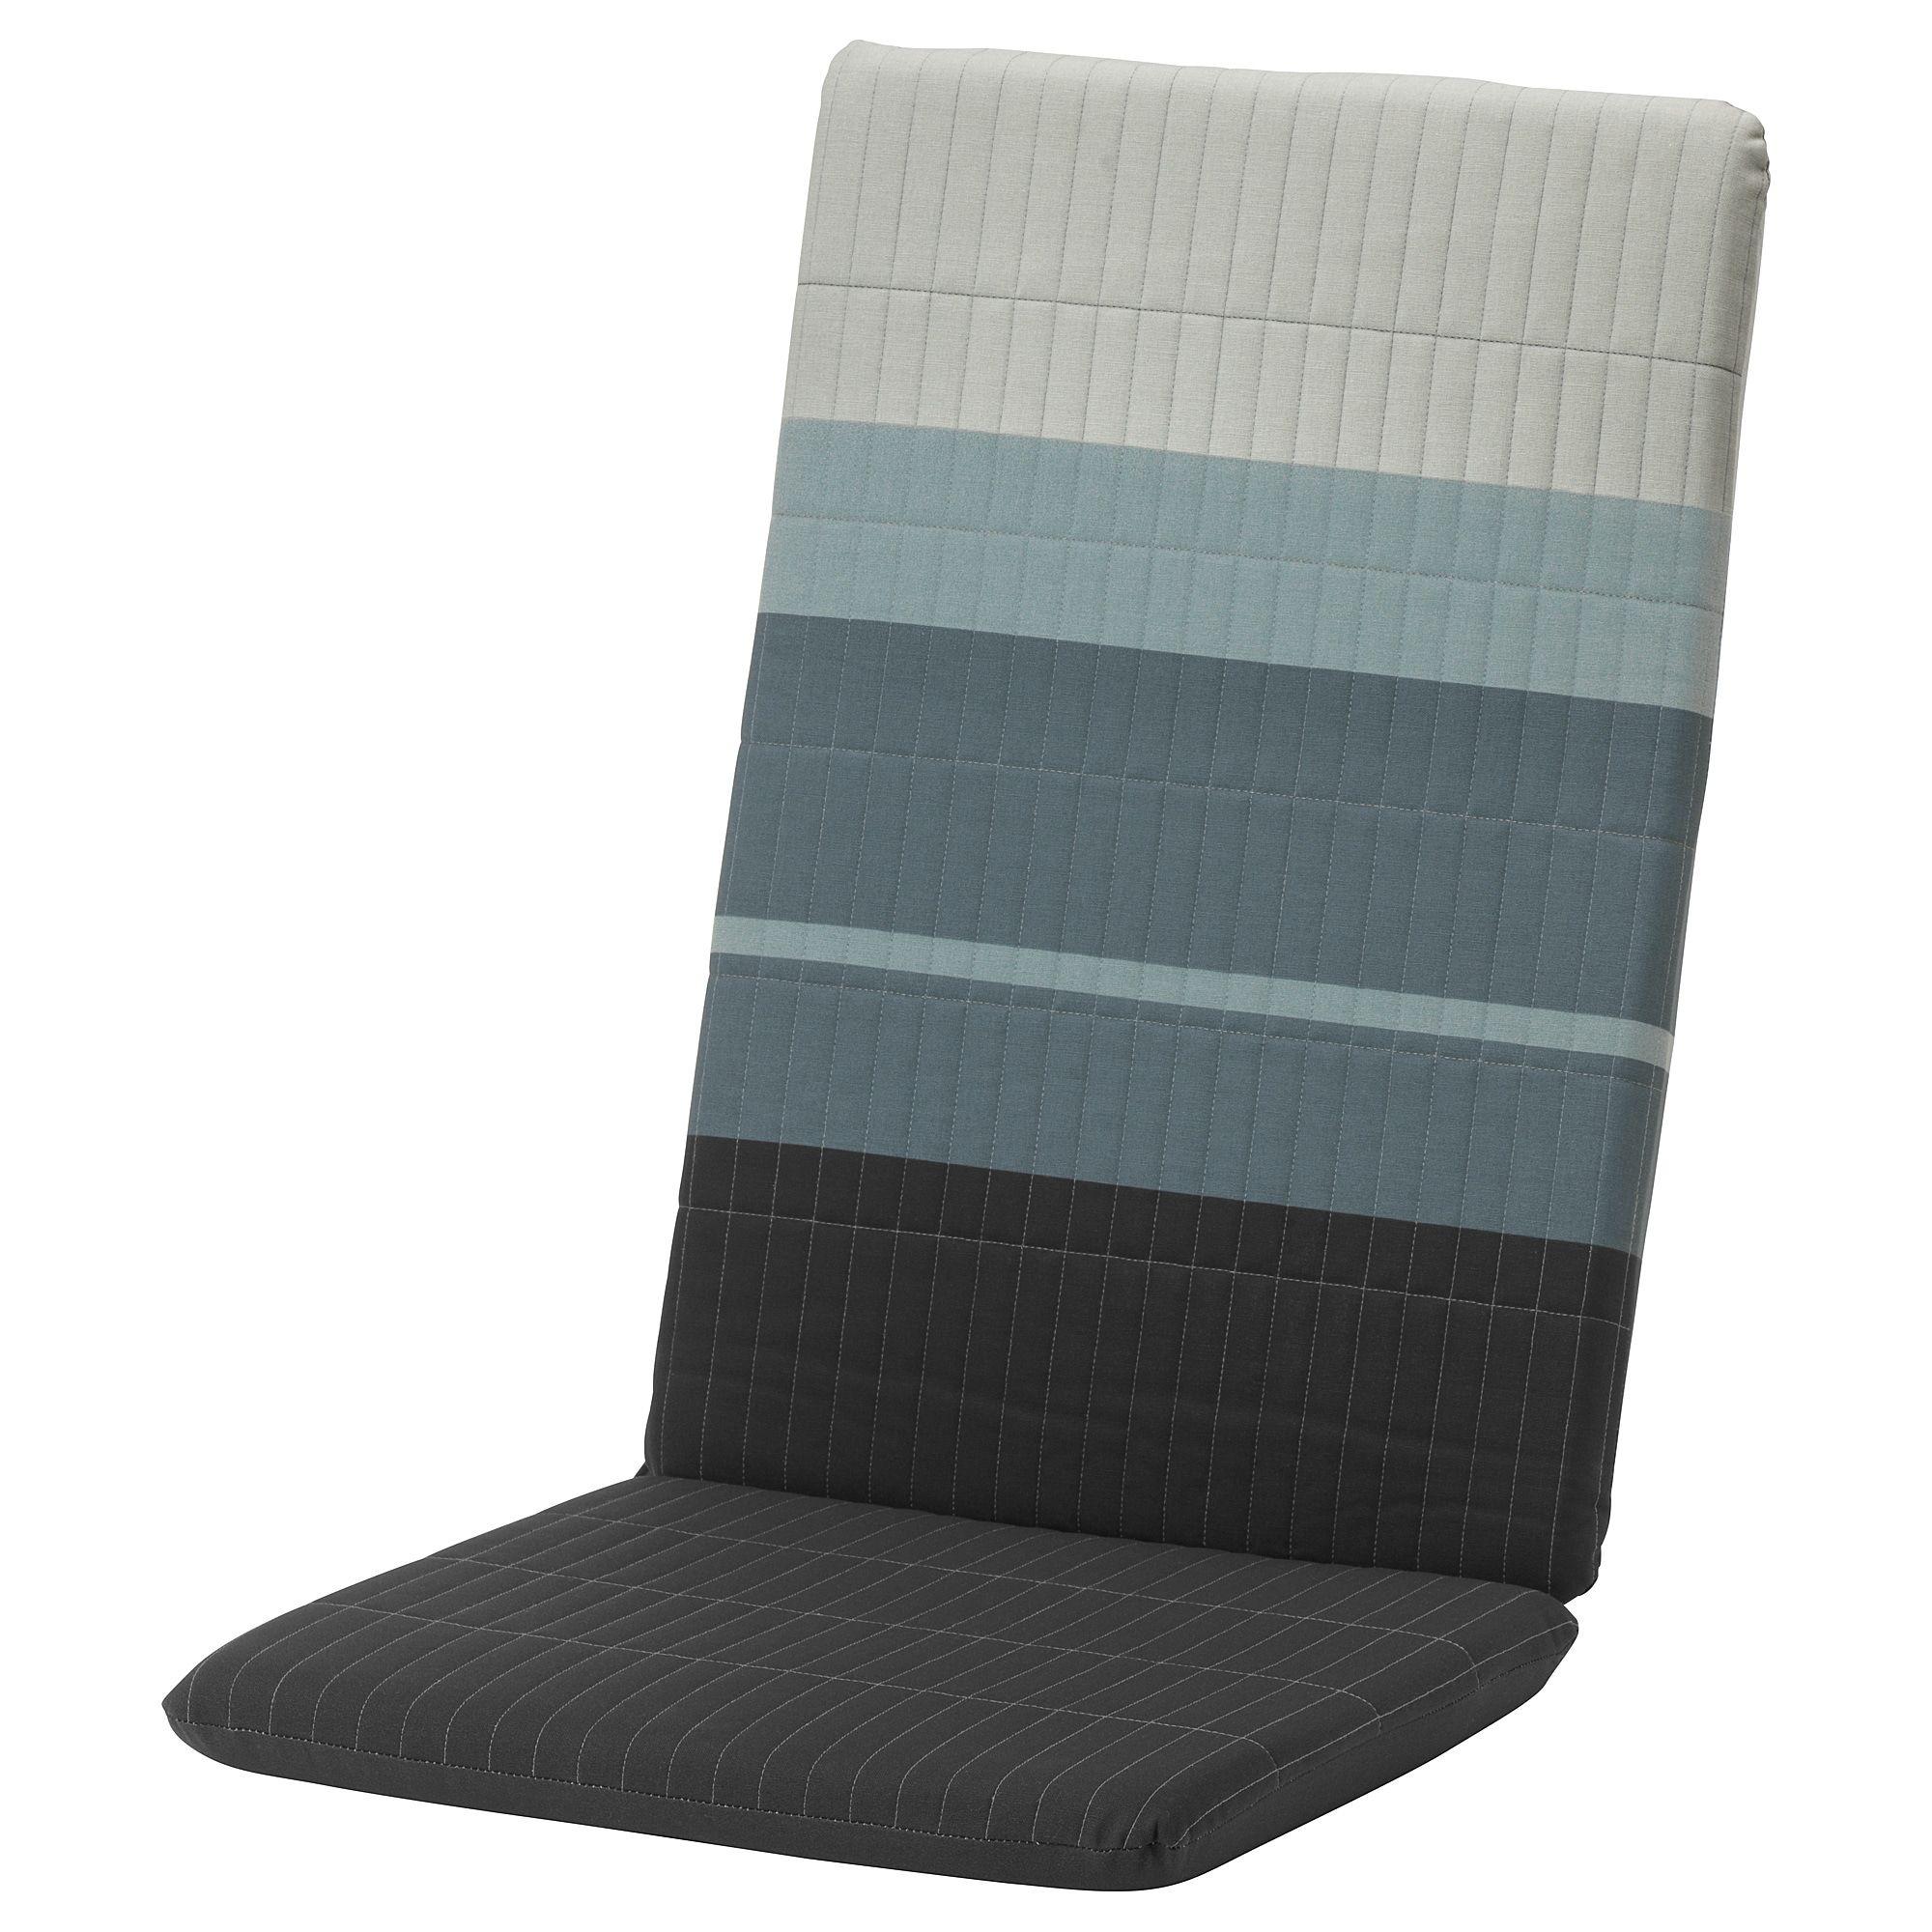 poÄng polster für sessel, lyskraft blau, grau | schlafzimmer ideen